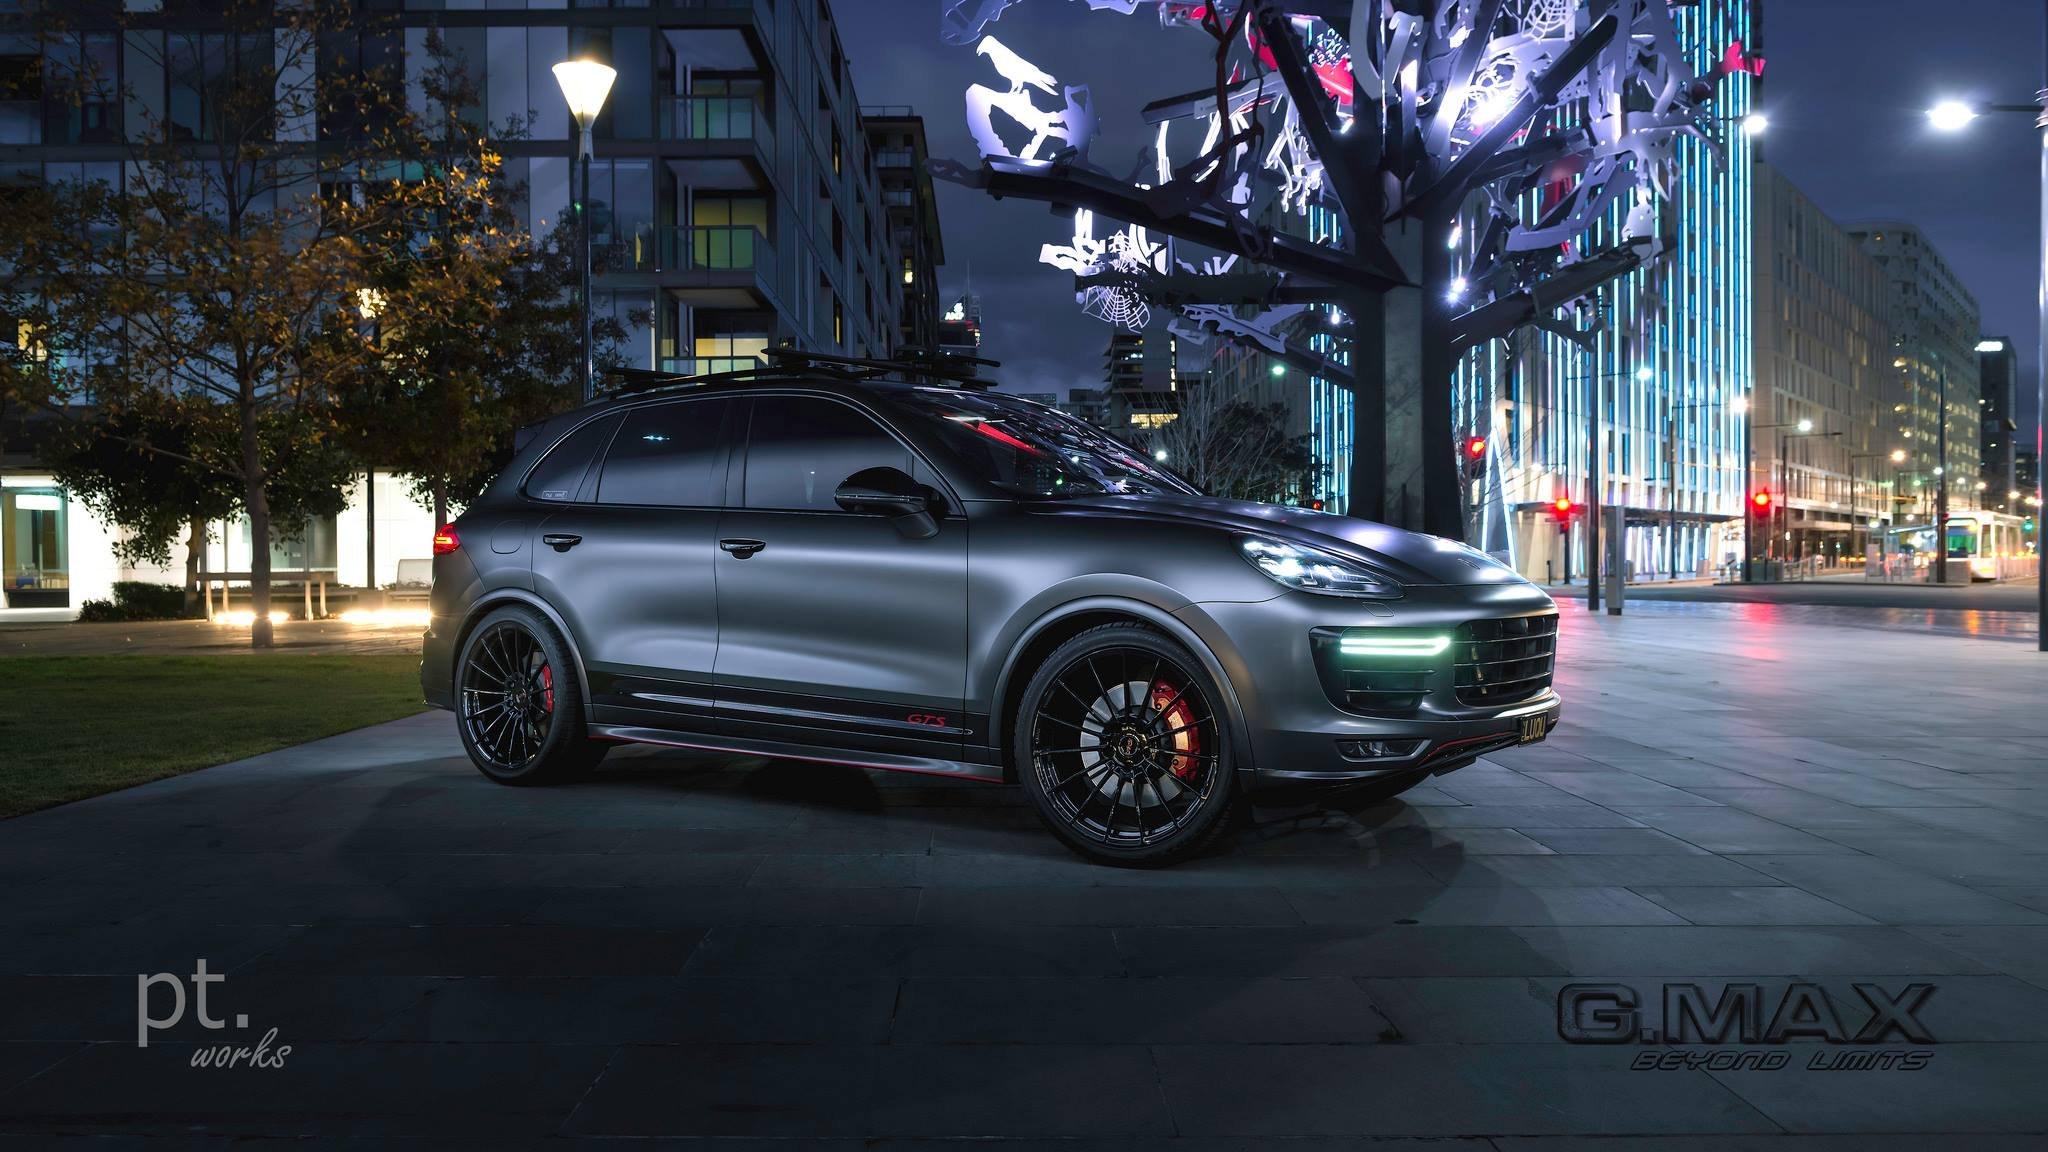 Stunning Matte Black Porsche Cayenne Gts Carid Com Gallery